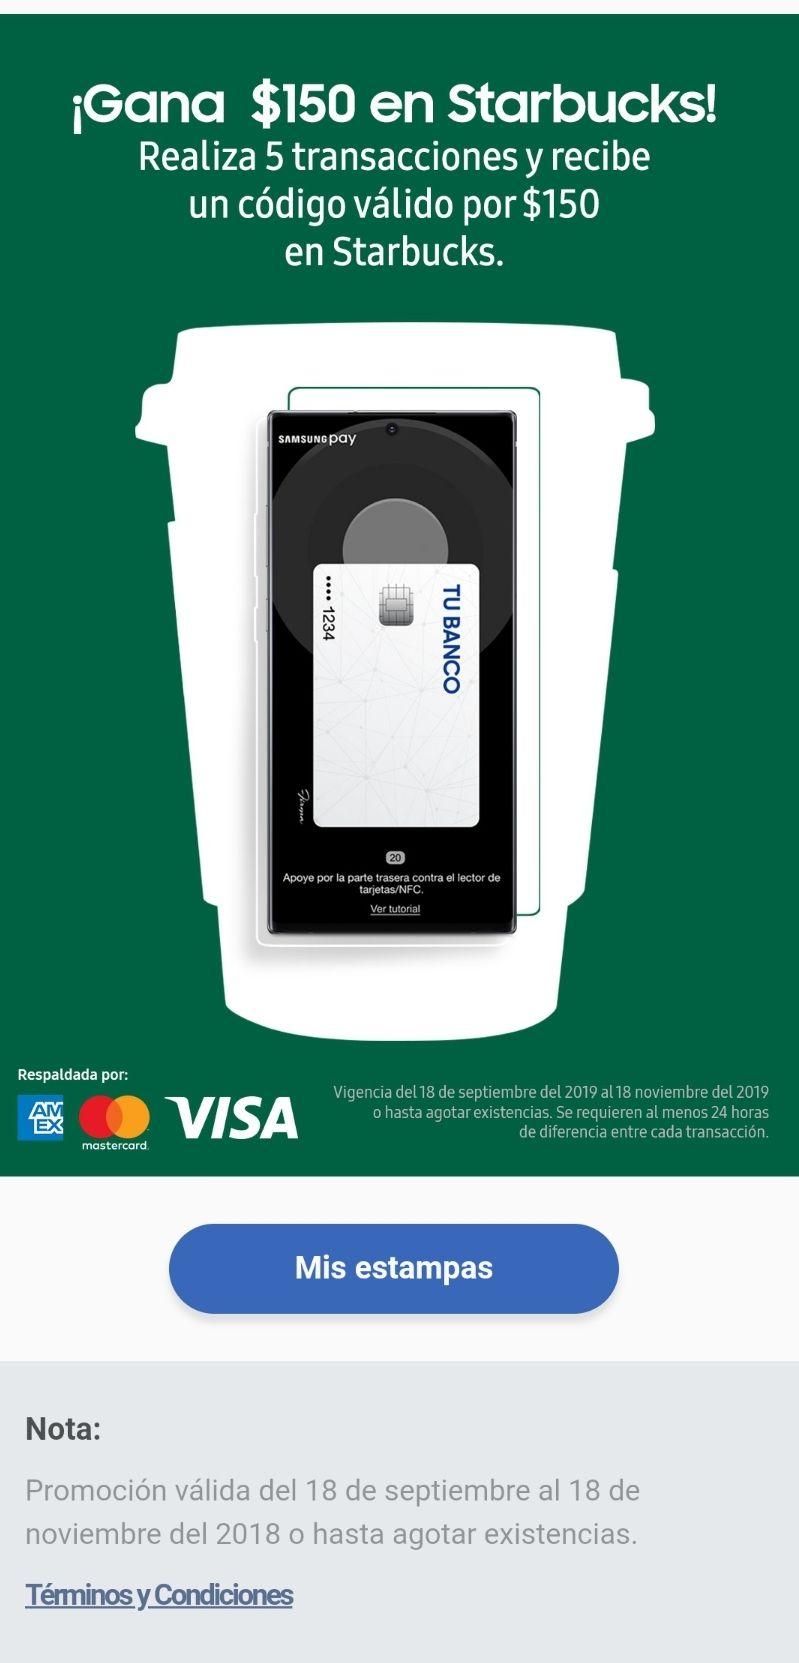 Samsung Pay: Gana $150 en Starbucks realizando 5 transacciones